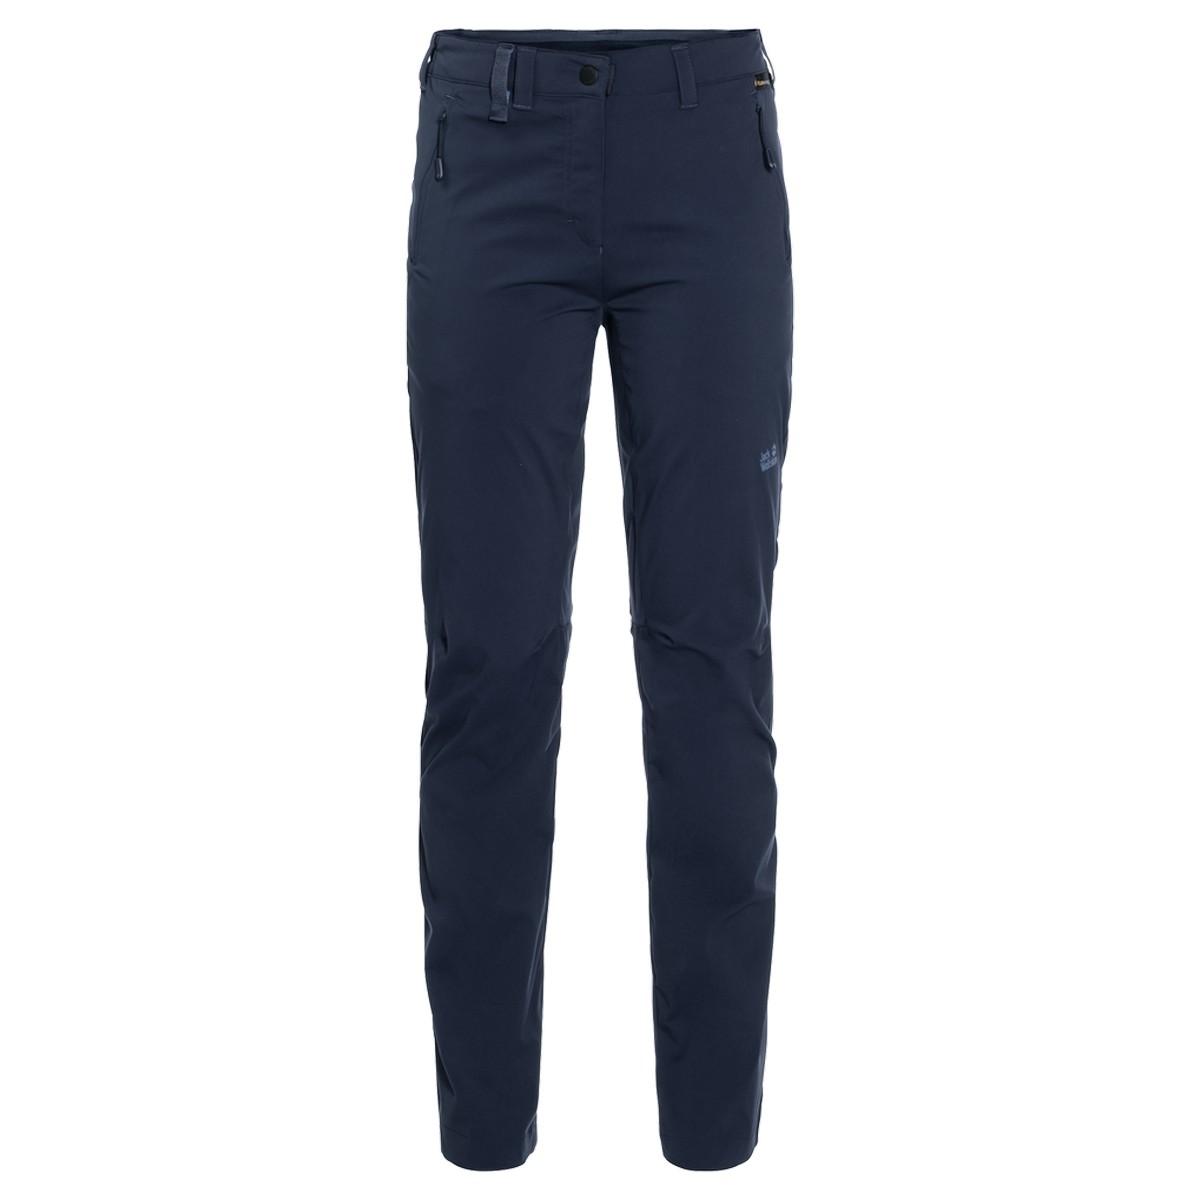 Jack Wolfskin Activate Light Pants Women, ženske pohodne hlače, modra